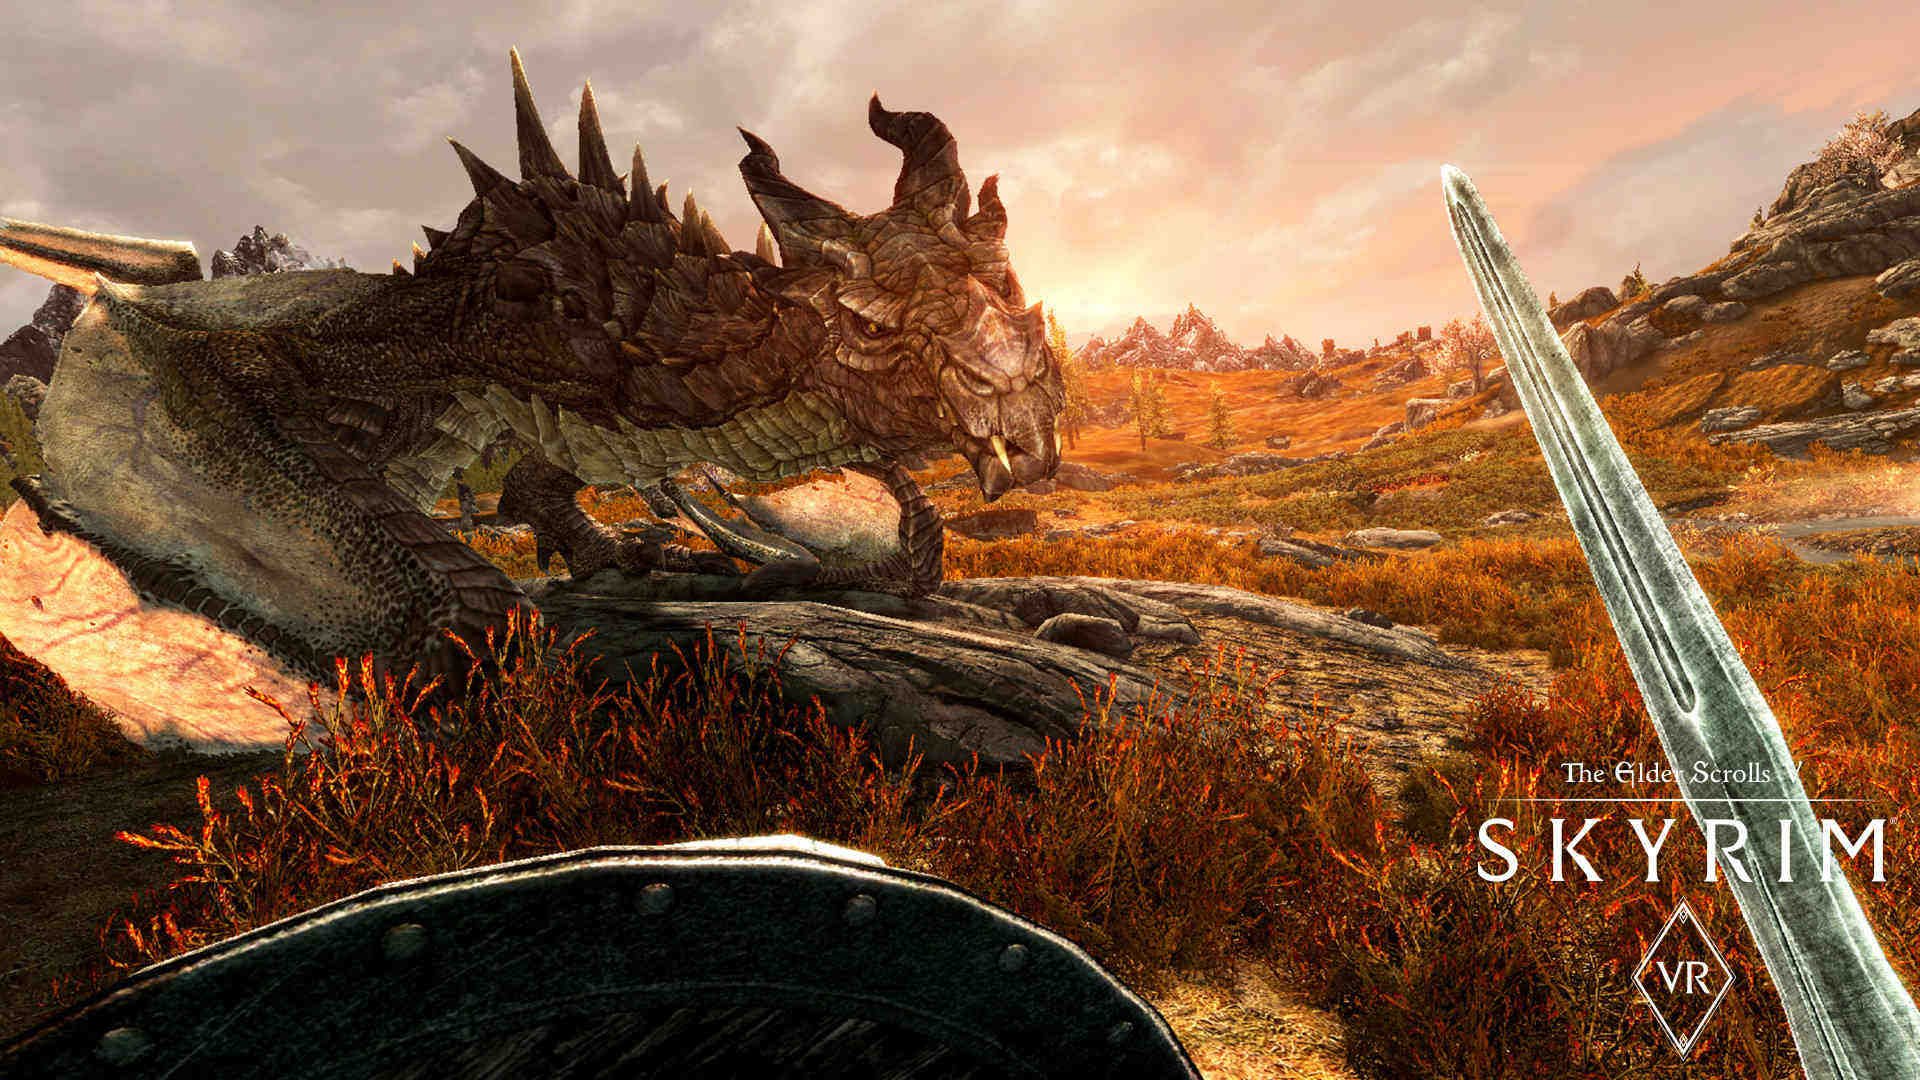 The Elder Scrolls V: Skyrim VR - O jaki ładny smoczek!